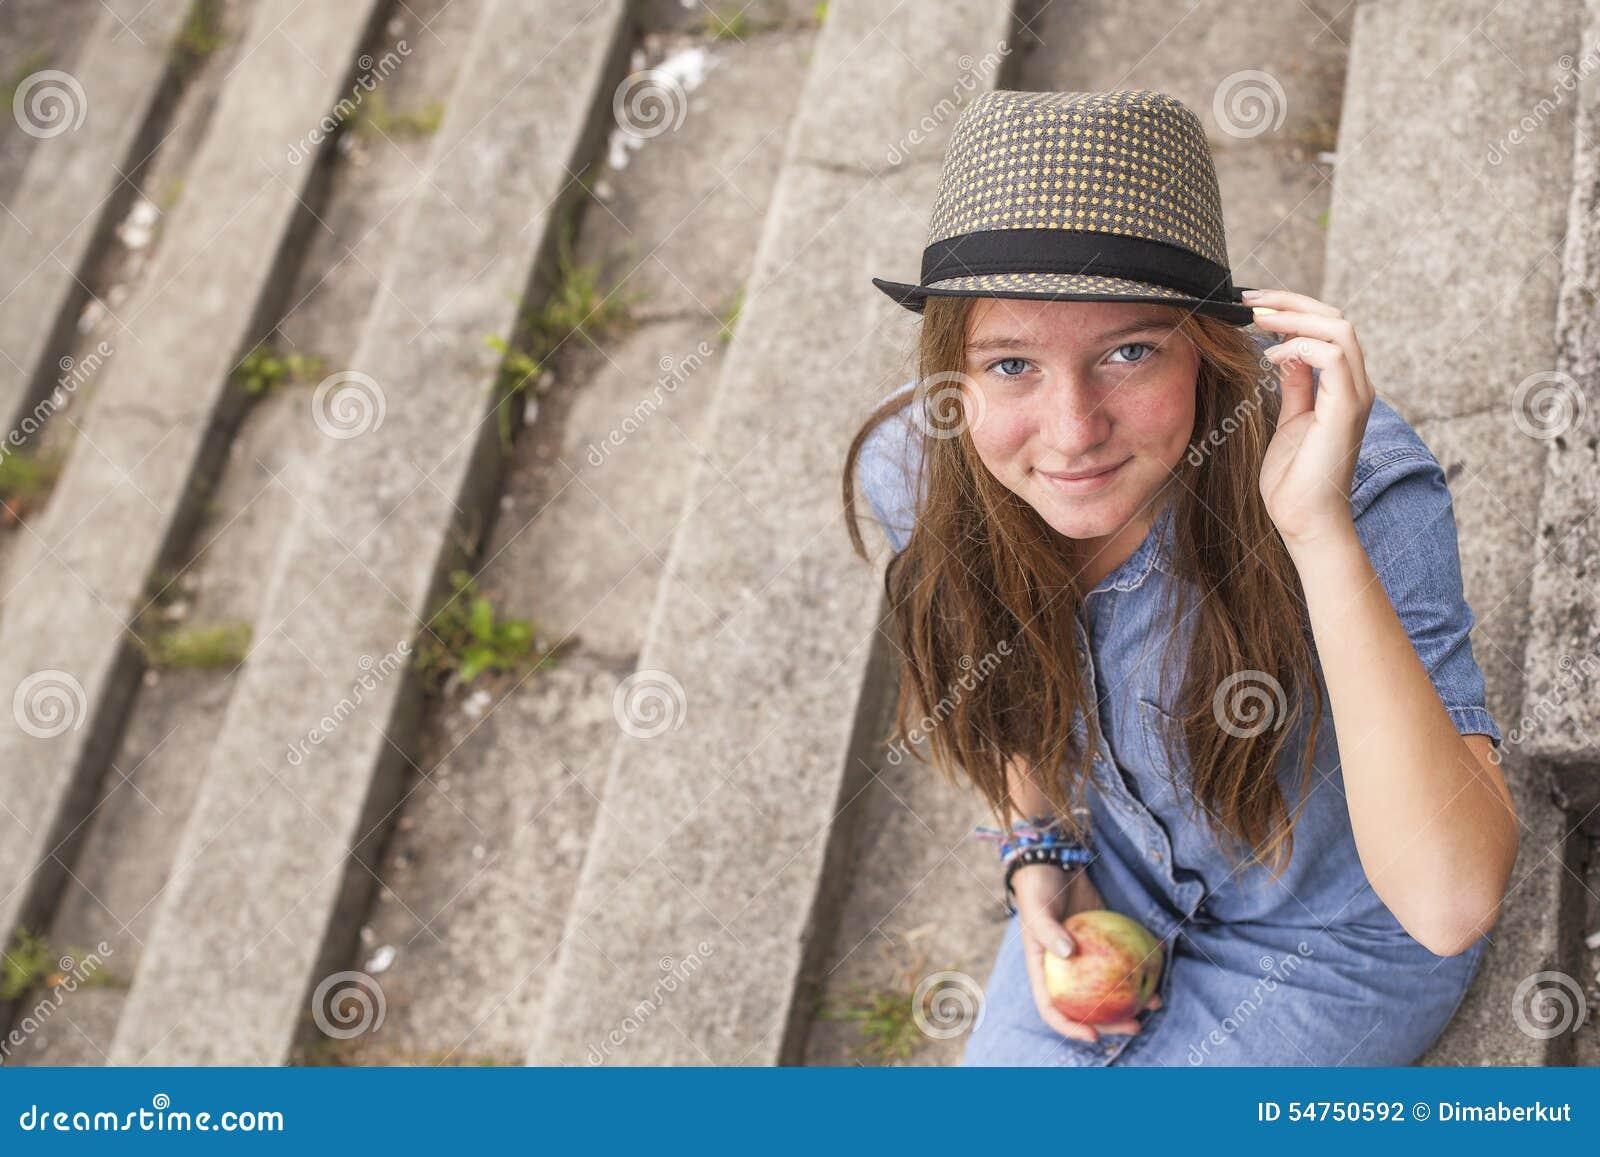 Девушка с верху на камеру фото 666-441